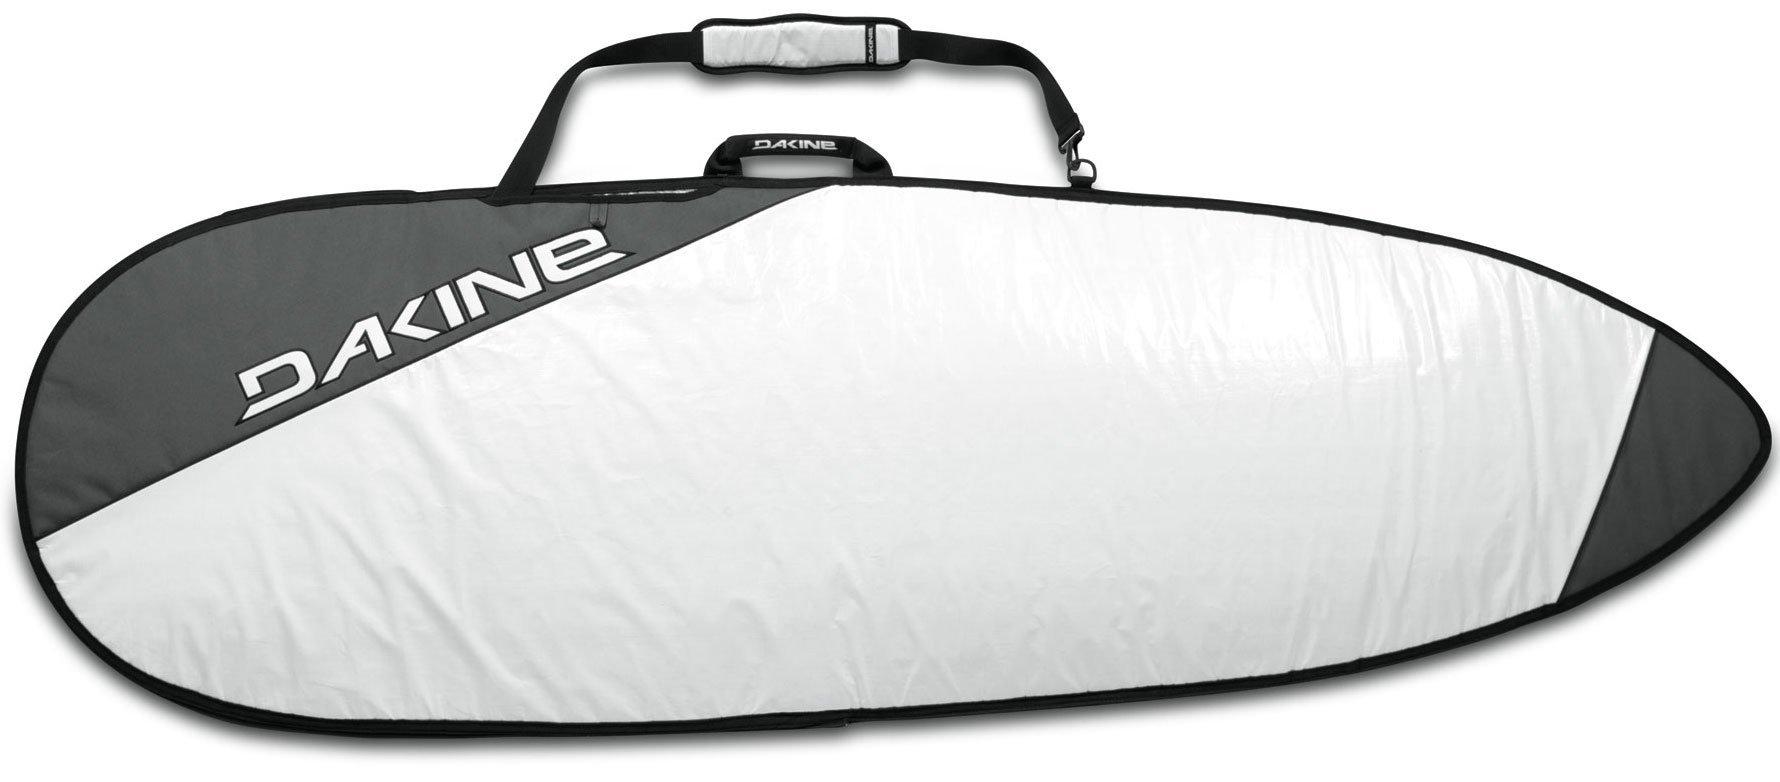 Dakine Surf Daylite Thruster Bag, 5'4'', White